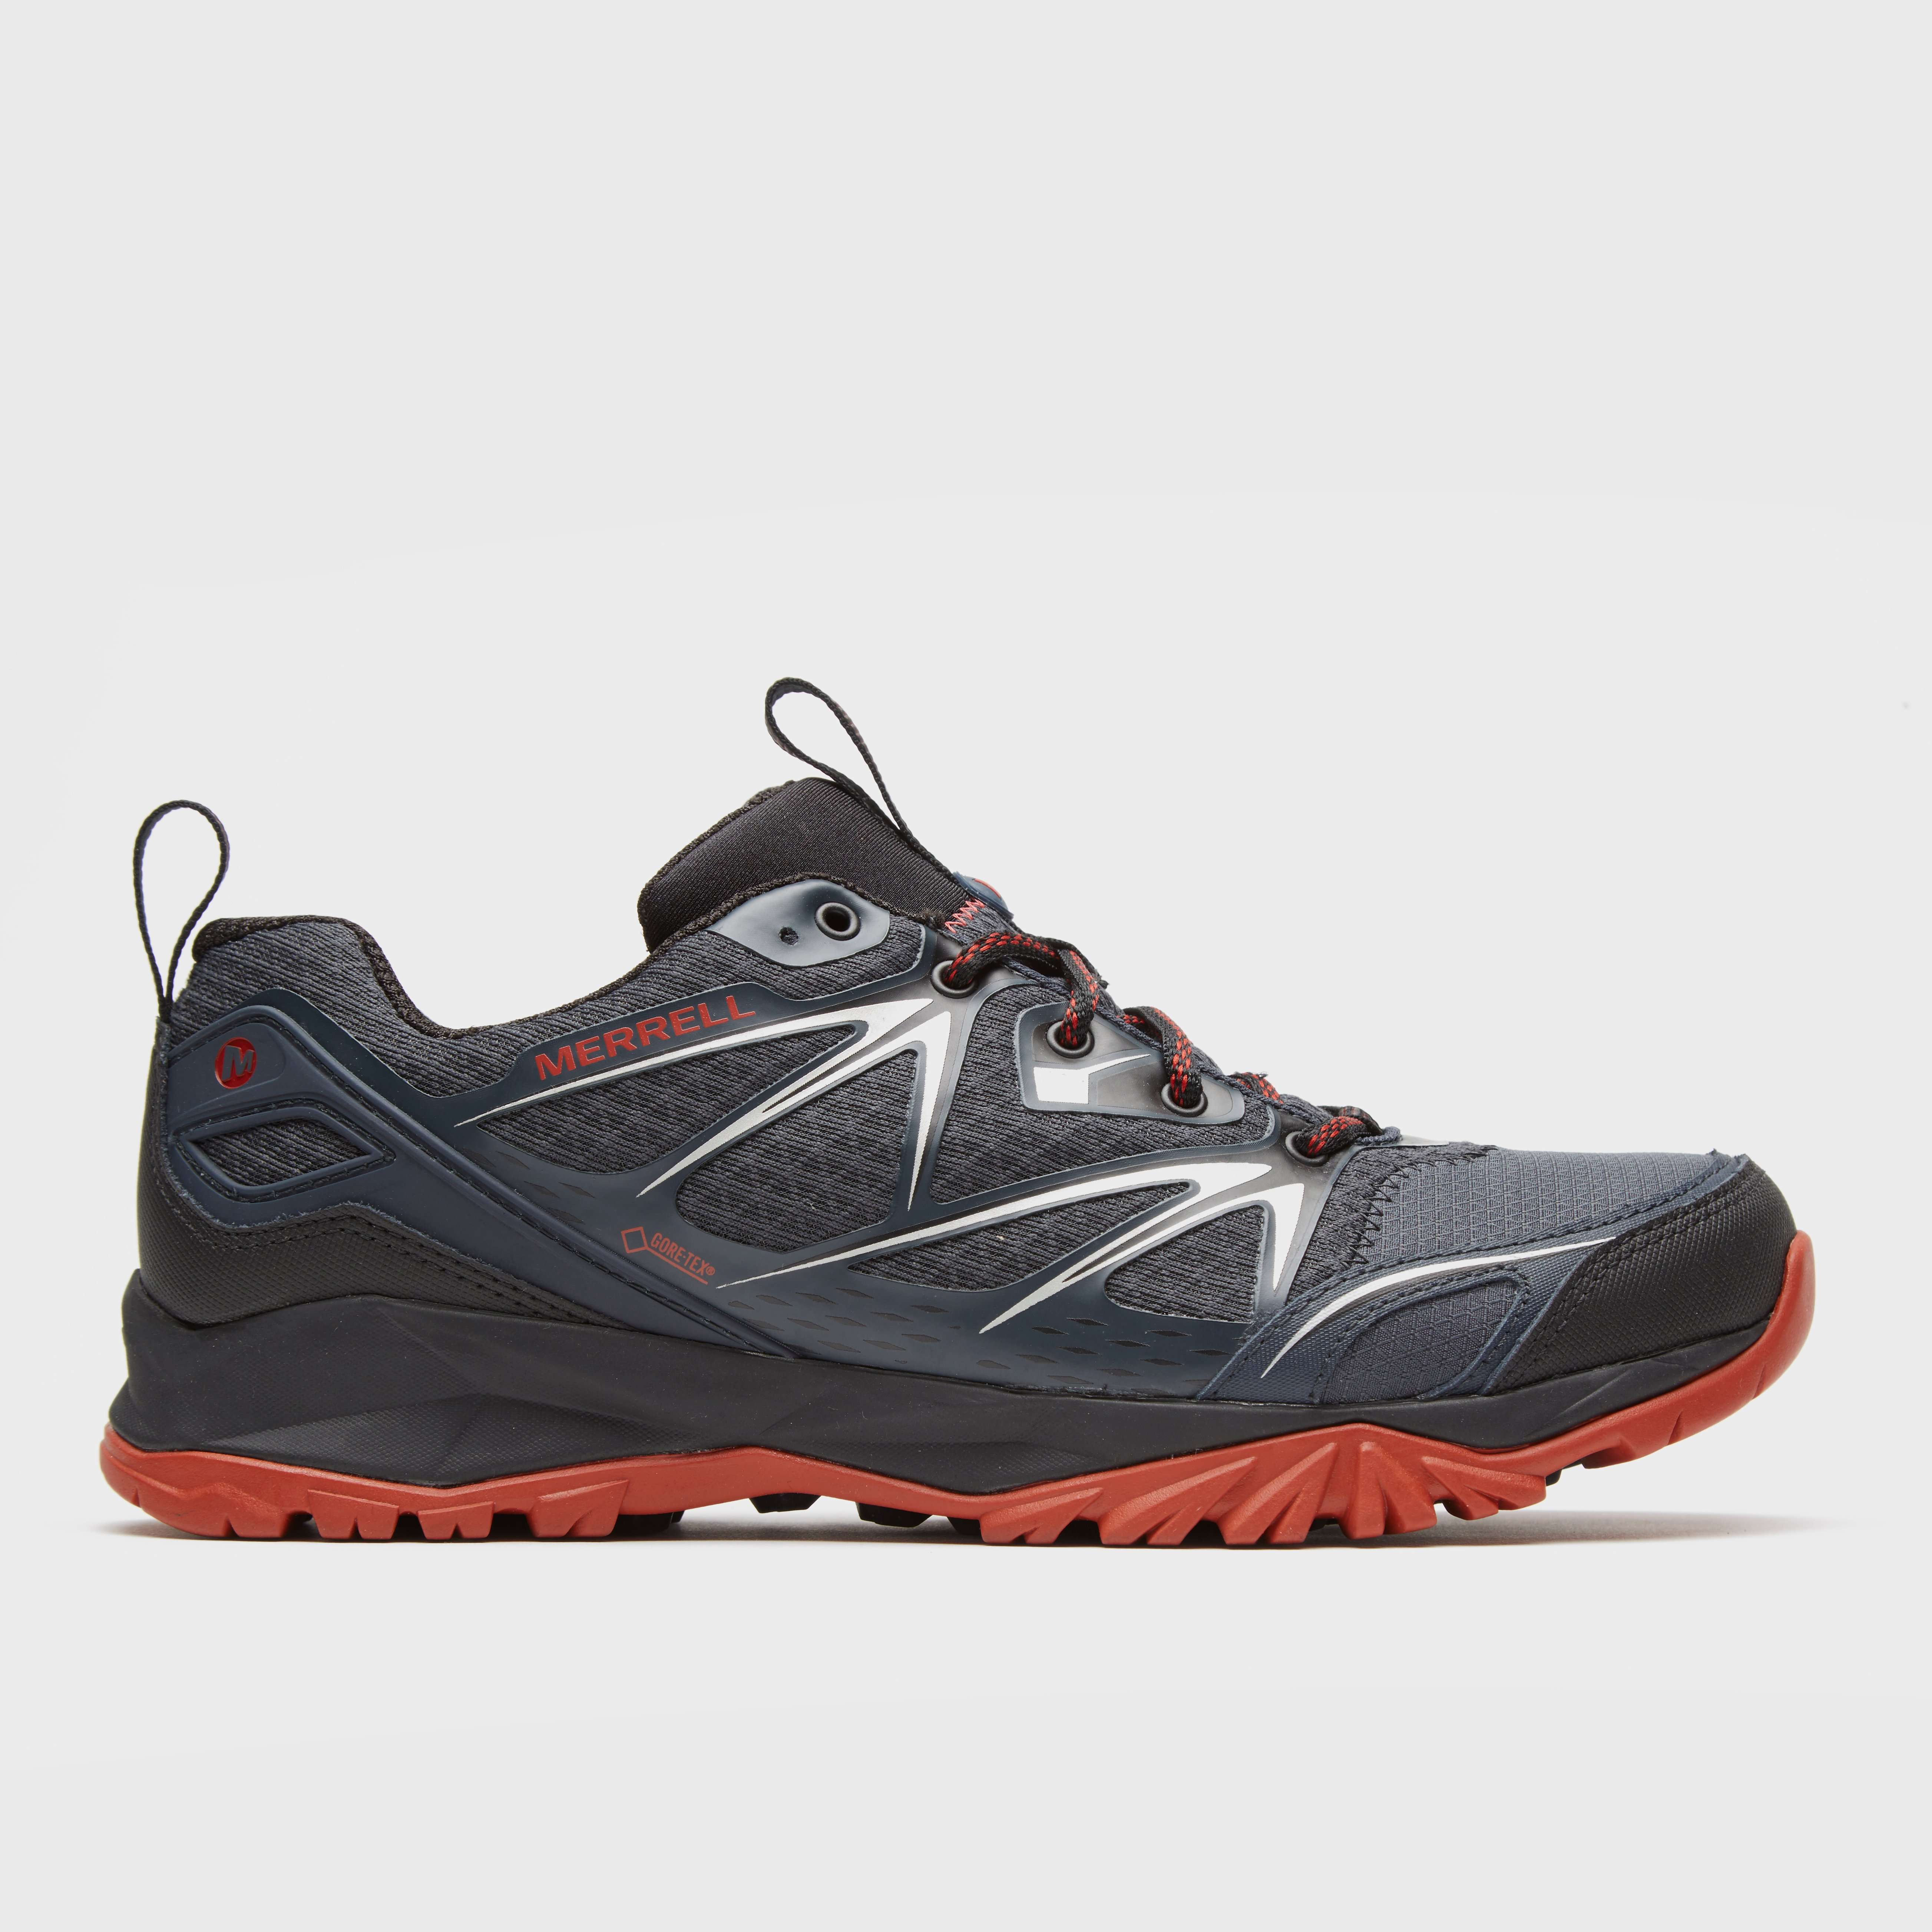 MERRELL Men's Capra Bolt GORE-TEX® Waterproof Shoes